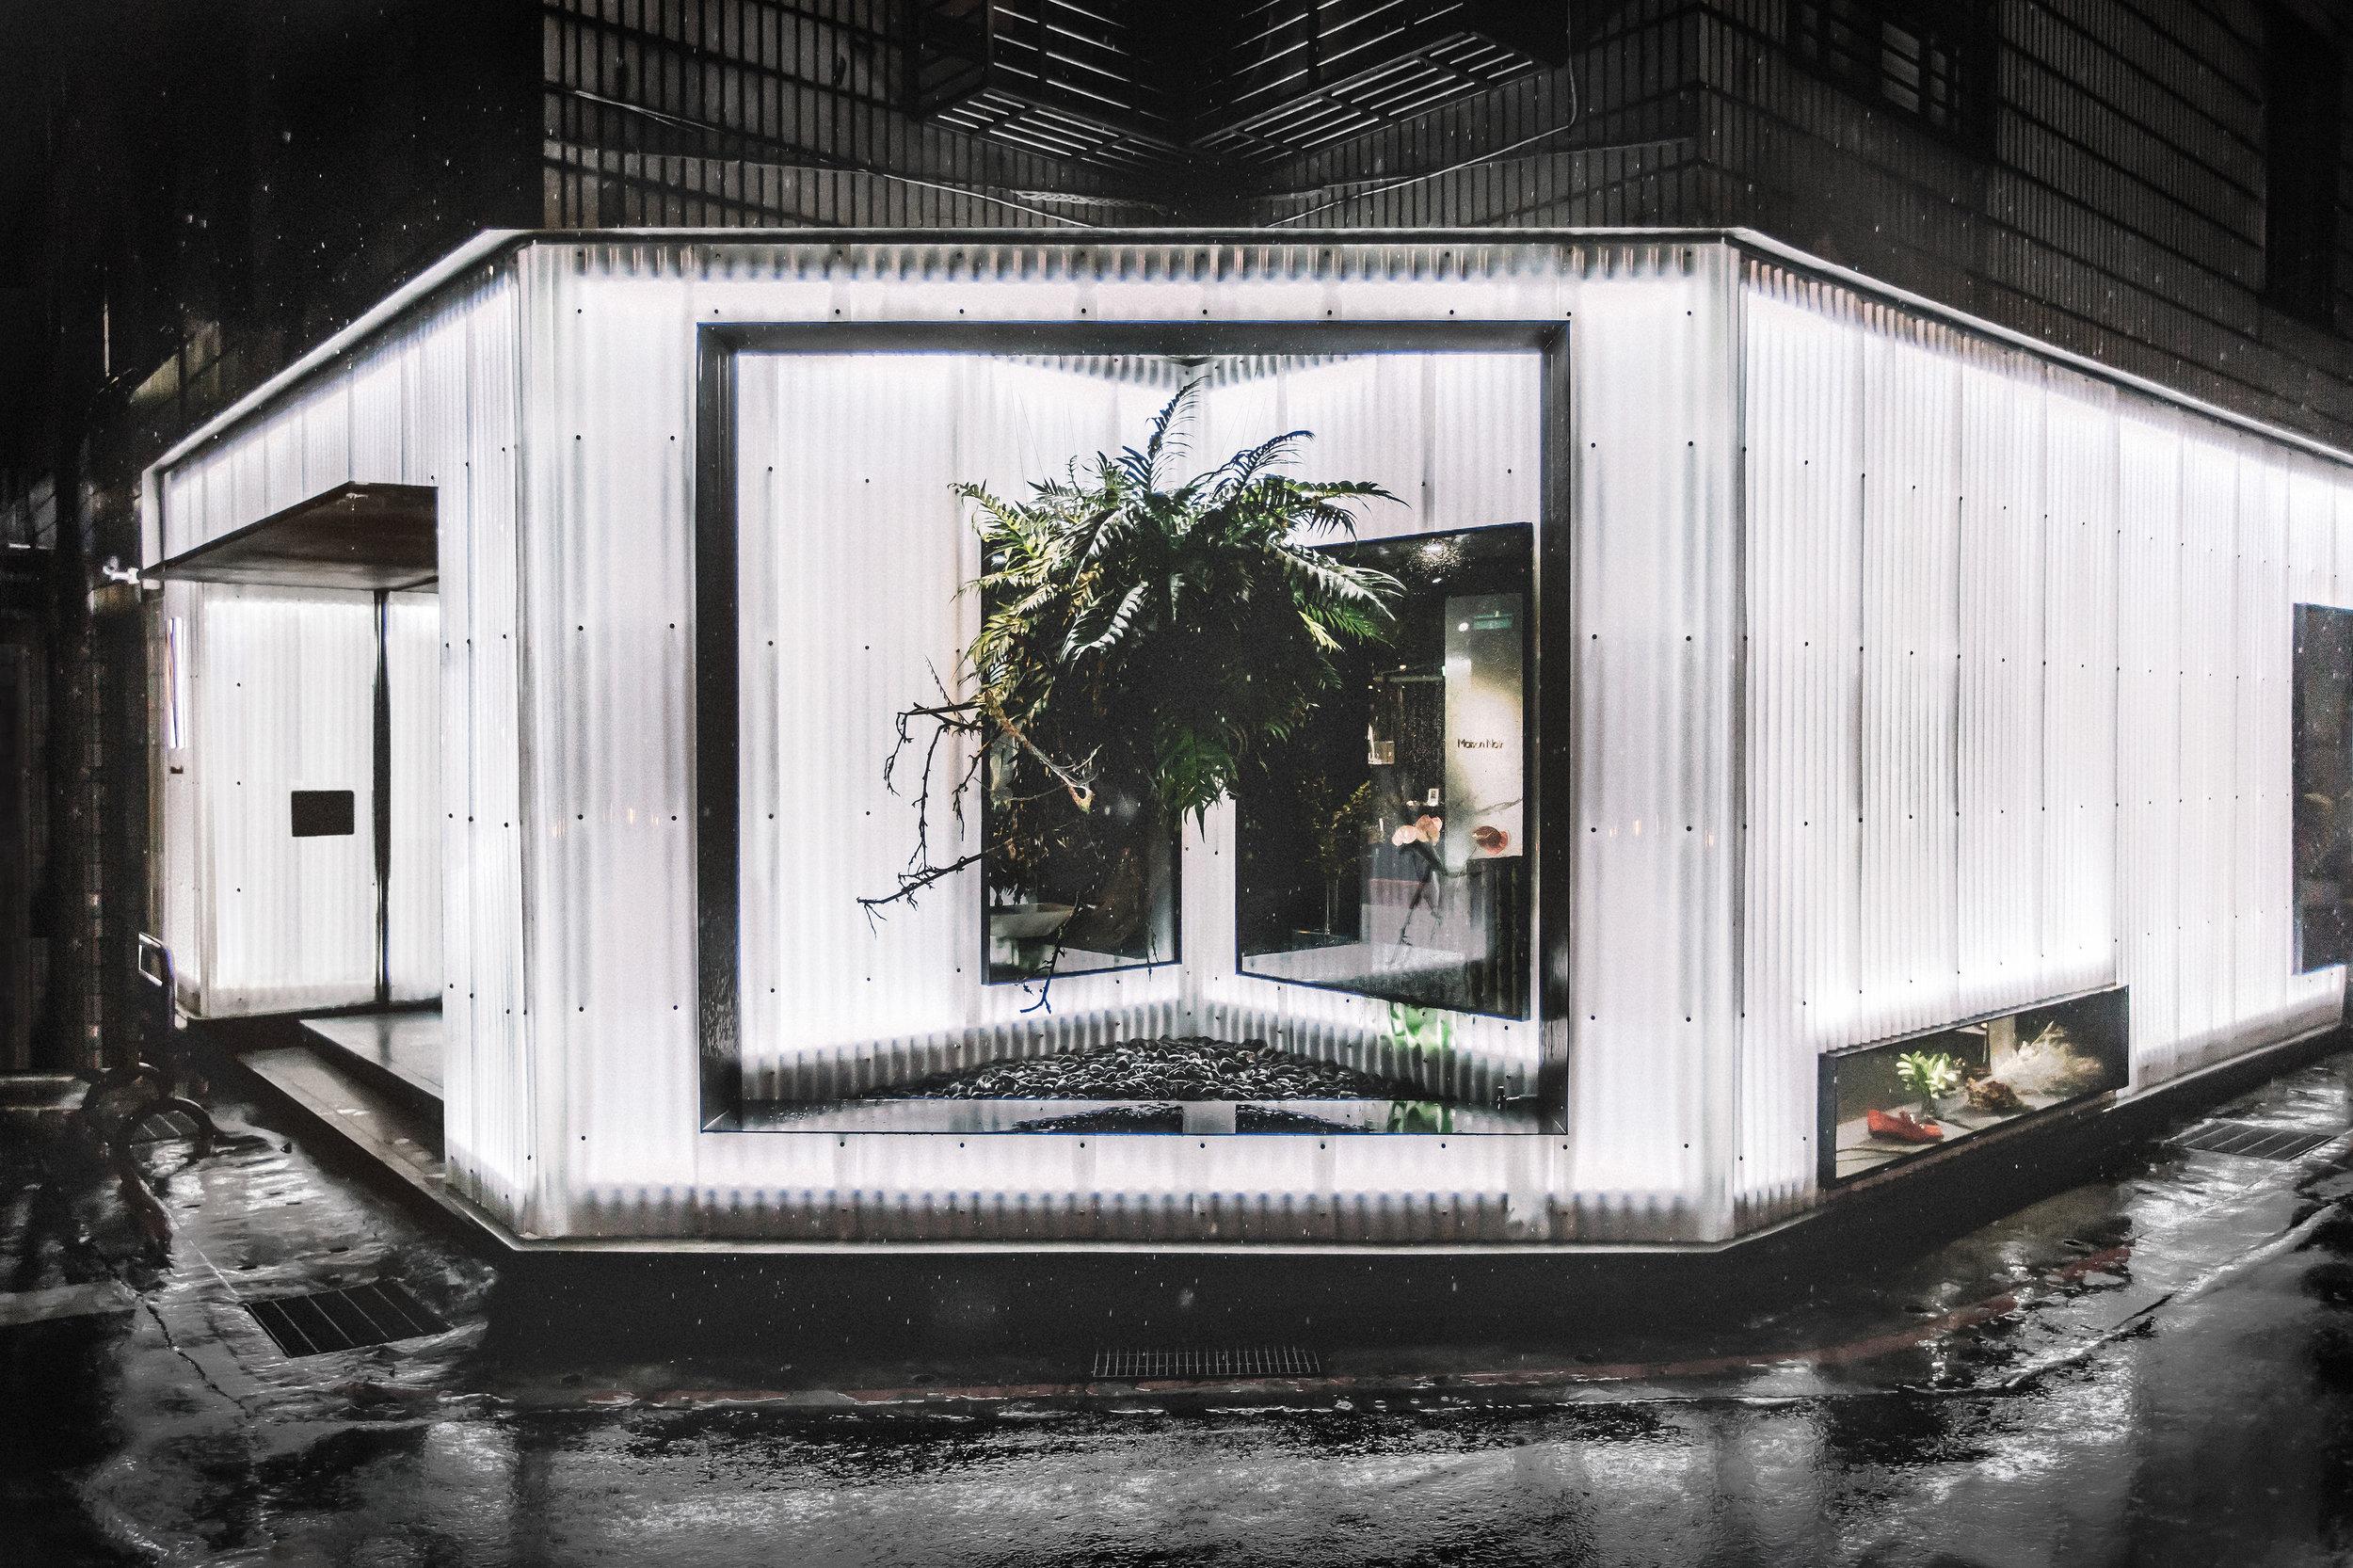 Maison Noir 黑房子精品店 - Maison Noir 黑房子精品店,同時兼具時尚的藝術殿堂,搭配時尚選品,巧妙地打造給造訪者無限的驚奇與想像的空間。榮獲 2019 義大利 A'DESIGN AWARD SILVER 銀獎。